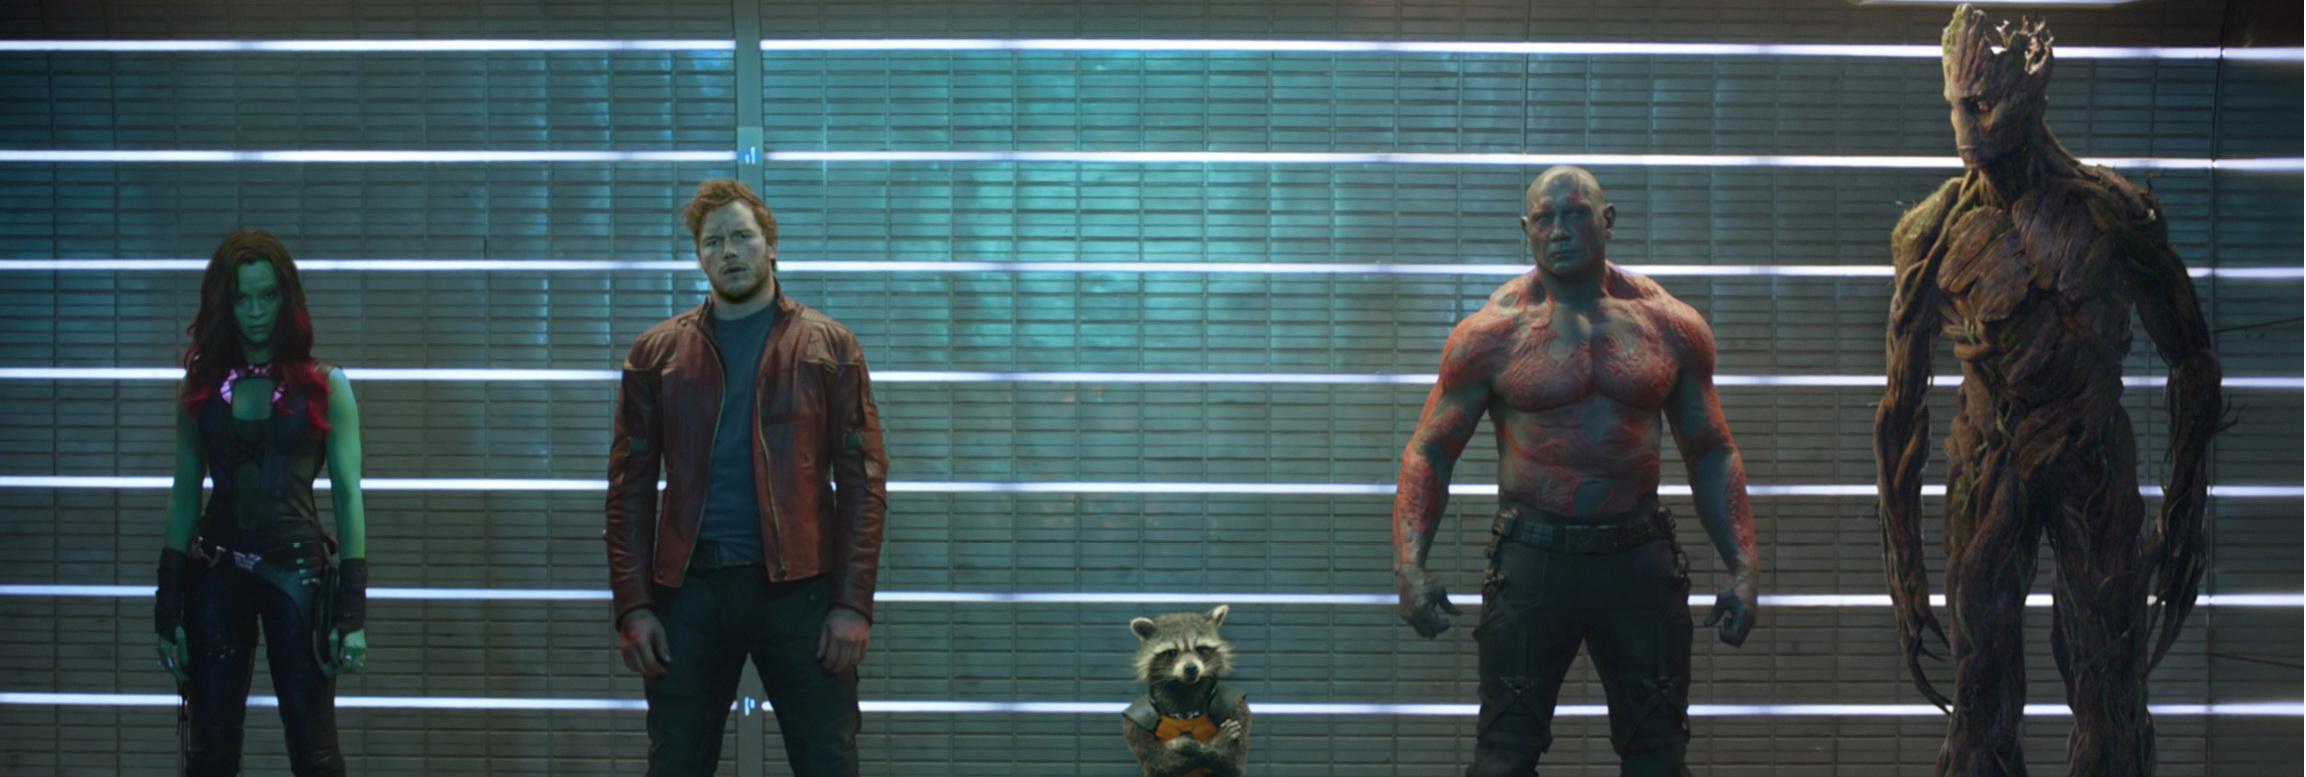 guardians-of-the-galaxy_first_screenshot1.jpg